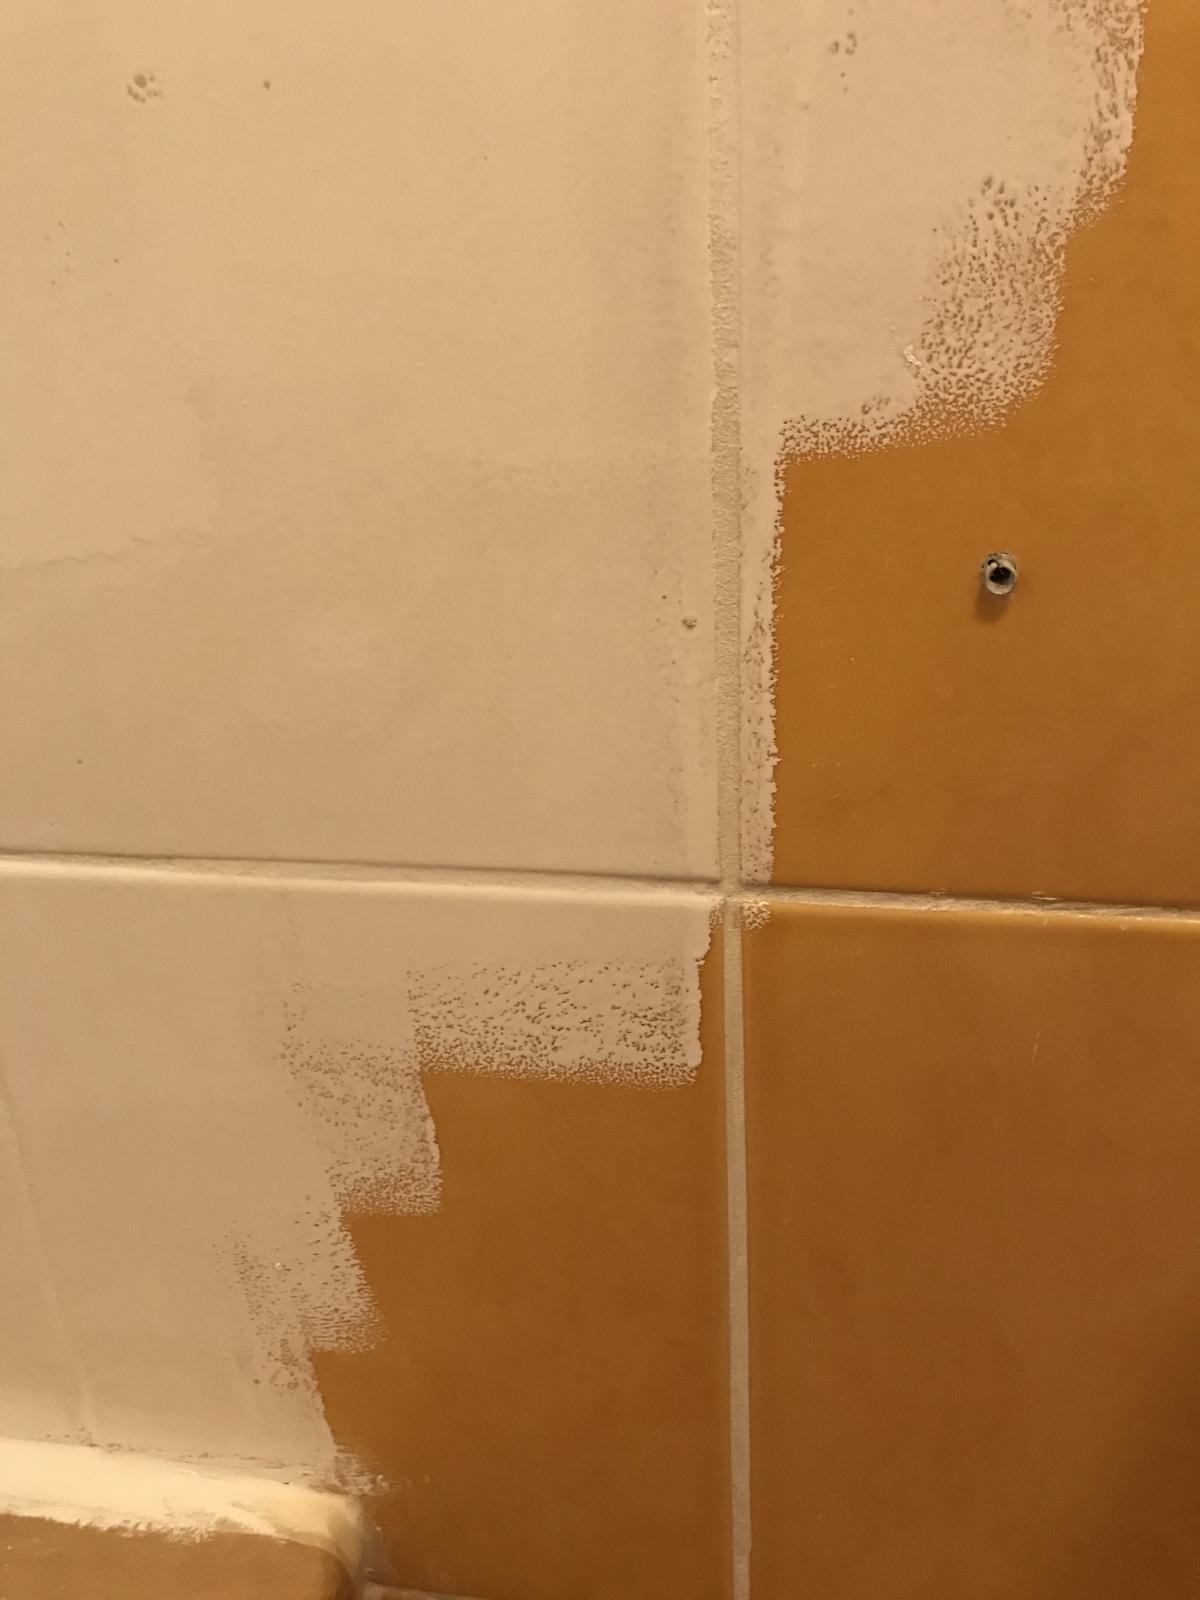 Z příšerné koupelny tvořím trochu lepší 💪 - Obrázek č. 8